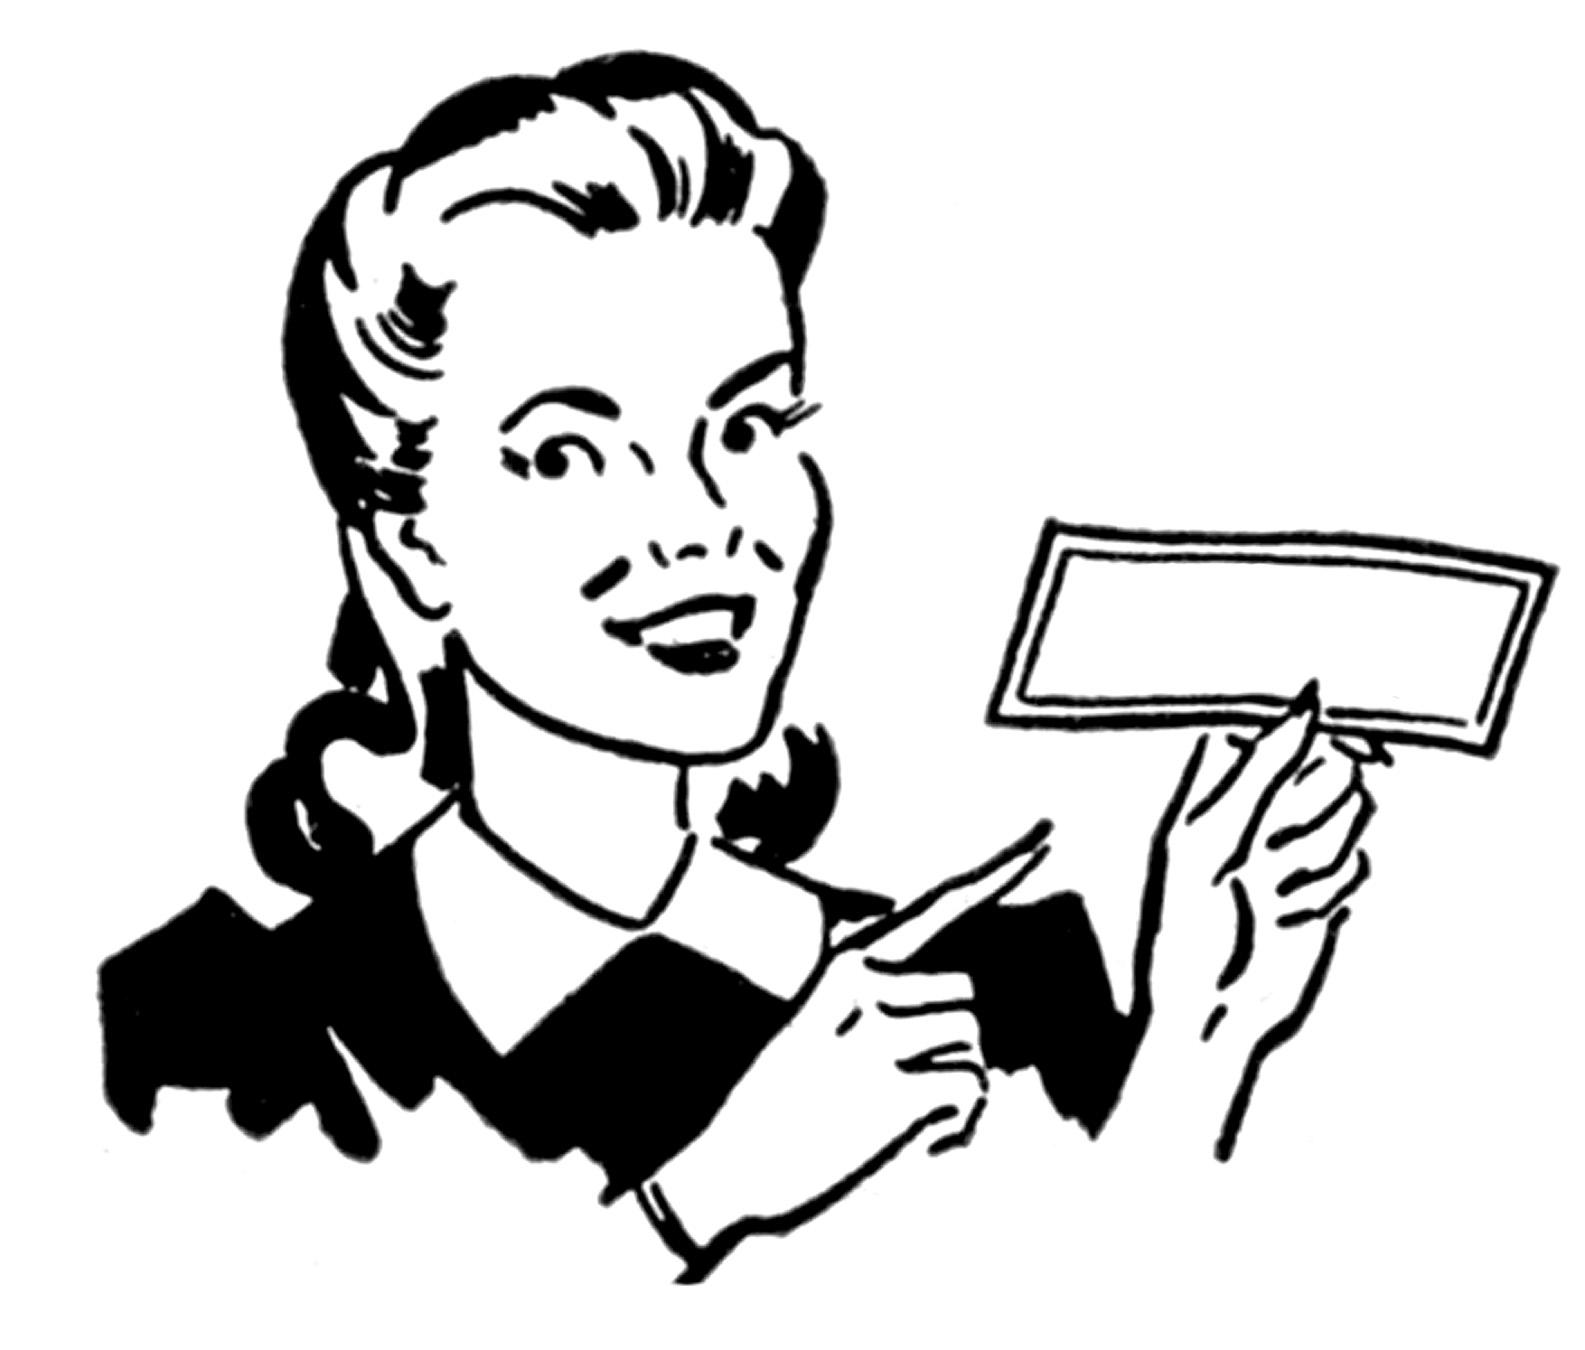 Vintage clipart woman svg transparent library Free Vintage Woman Clipart, Download Free Clip Art, Free Clip Art on ... svg transparent library